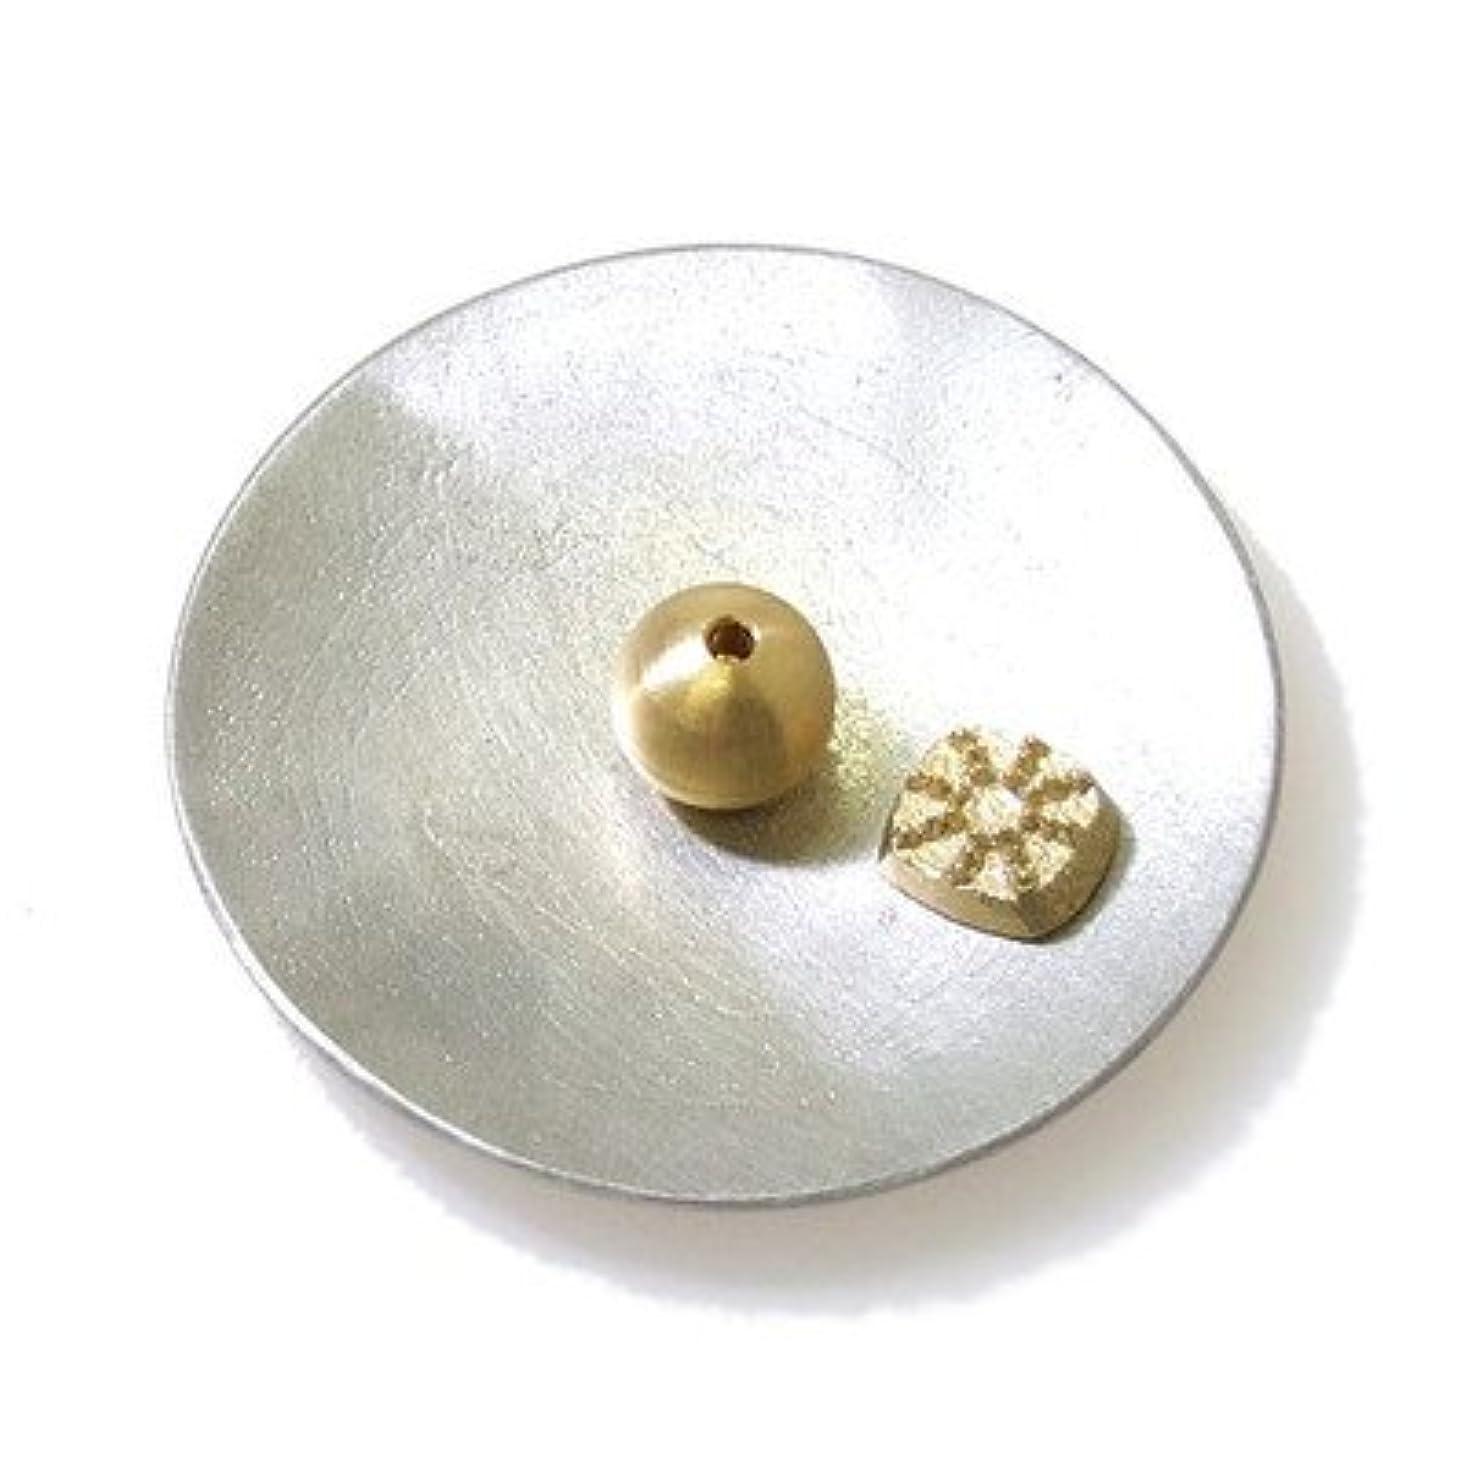 ベアリングサークル節約ビジター能作 (のうさく) 香の器セット-丸- 錫